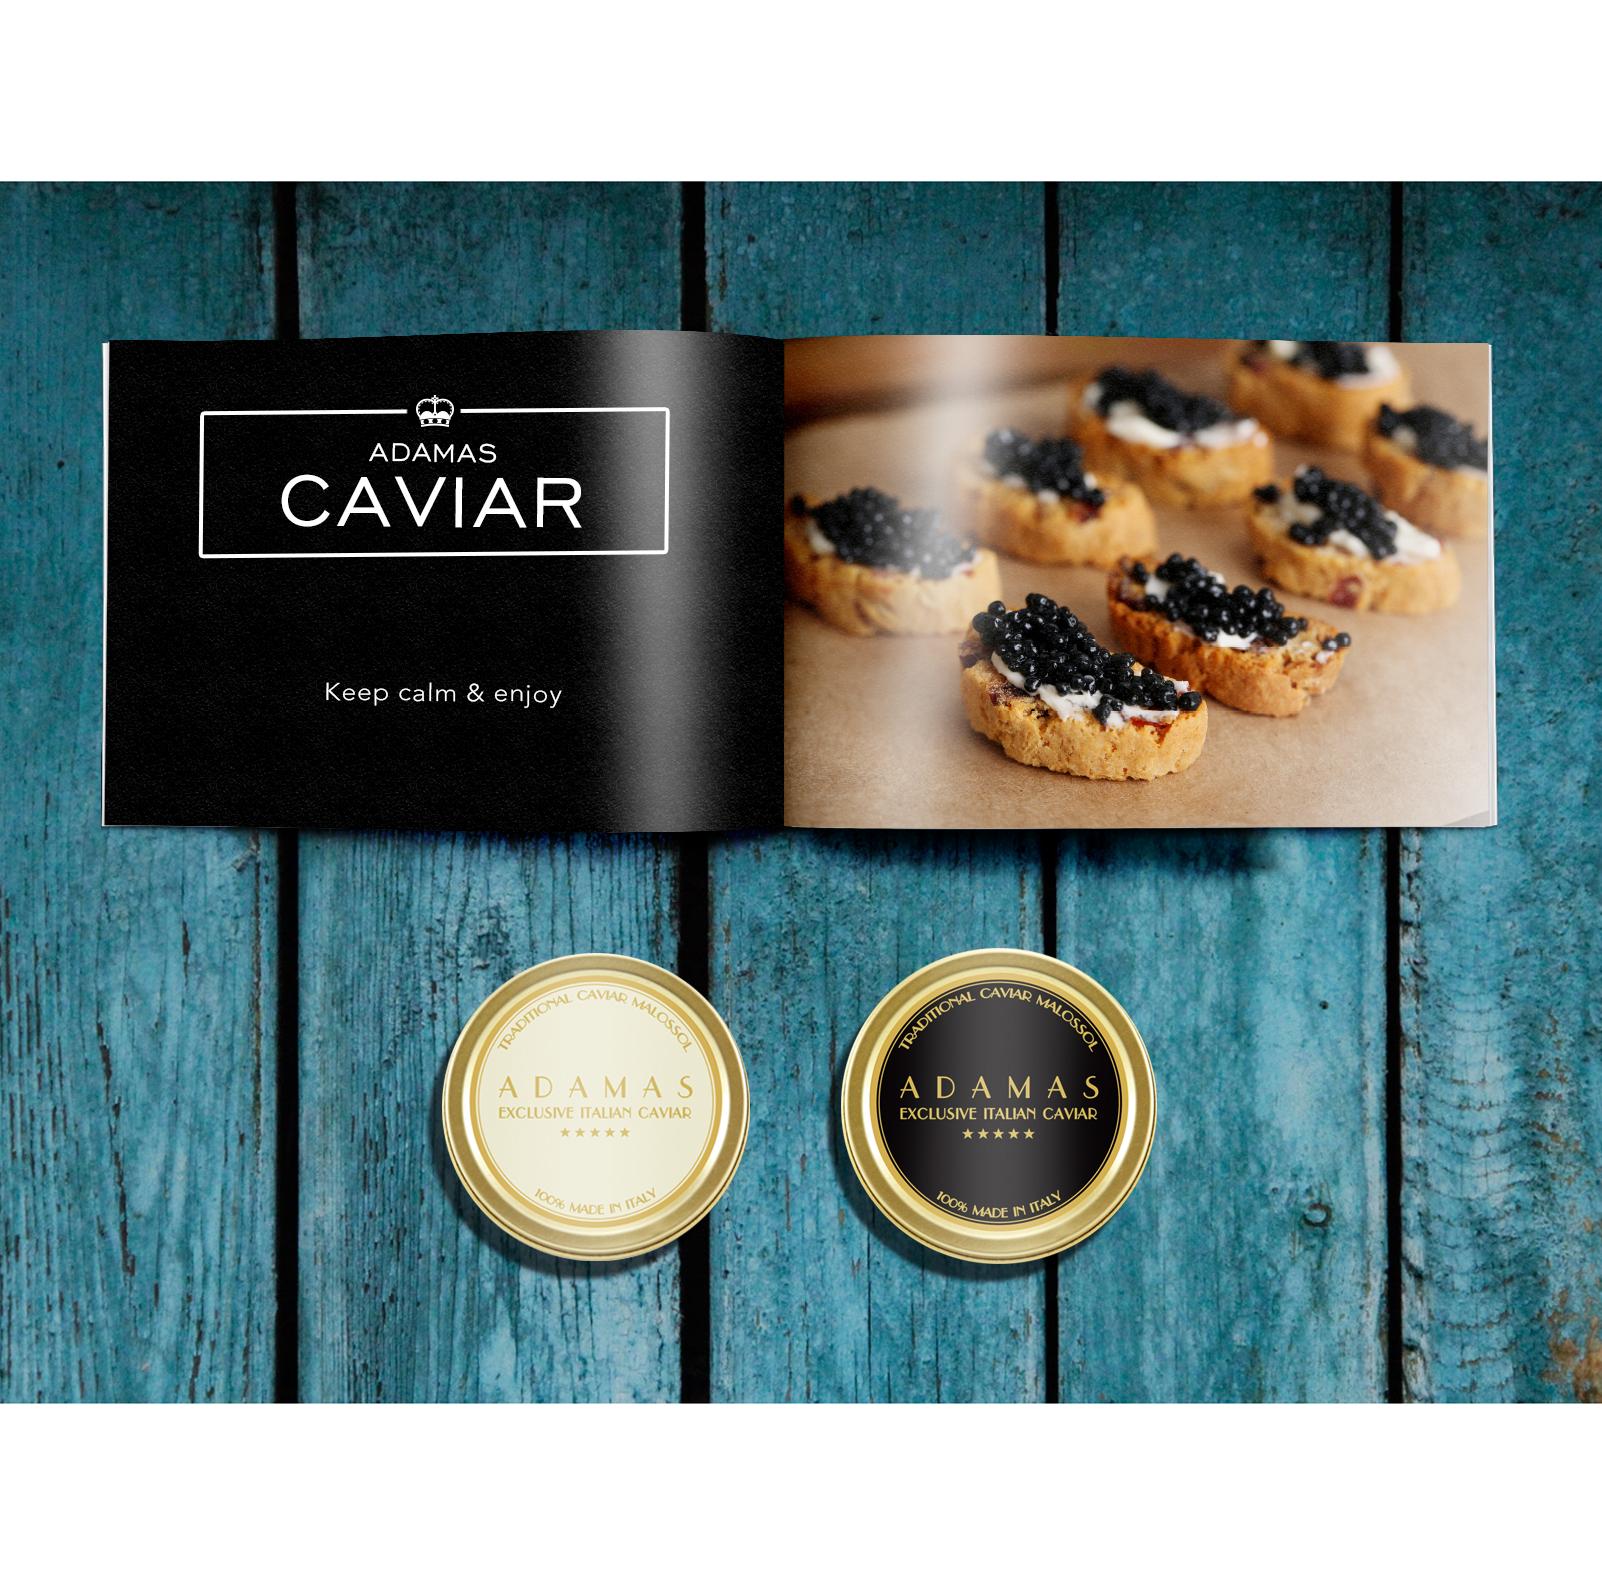 Adamas Caviar